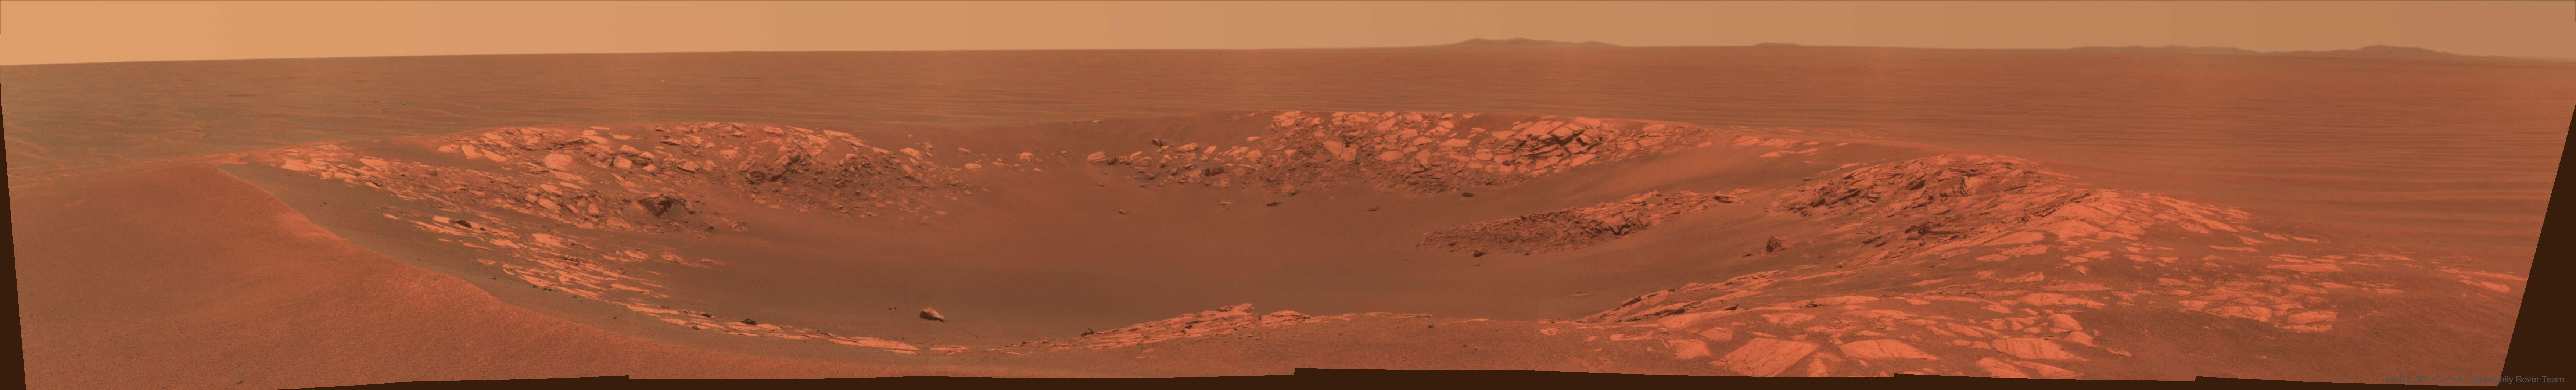 Miệng hố va chạm Intrepid chụp bởi tàu tự hành Opportunity. Hình ảnh: NASA, JPL, Cornell, Opportunity Rover Team.